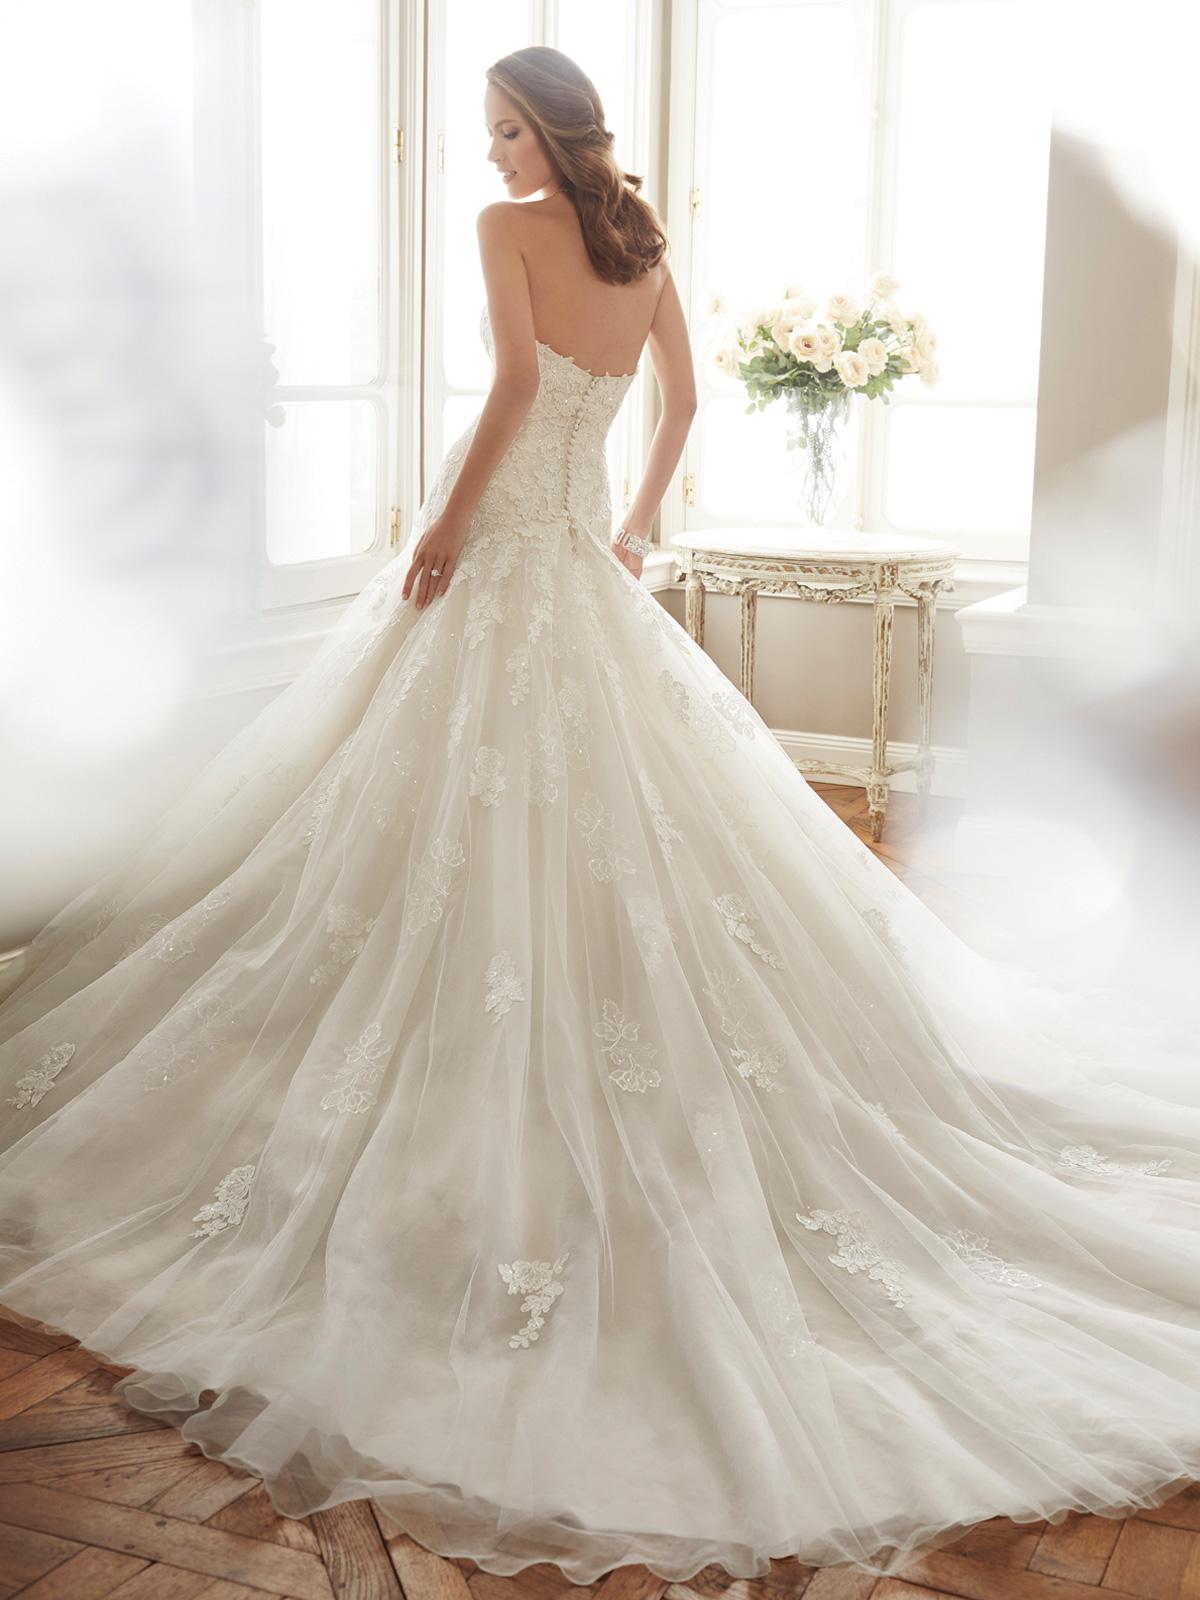 Vestido de Noiva Jenny - Hipnose Alta Costura e Spa para Noivas e Noivos - Campinas - SP Vestido de Noiva, Vestidos de Noiva Semi-Sereia, Hipnose Alta Costura, Vestido de Noiva Jenny